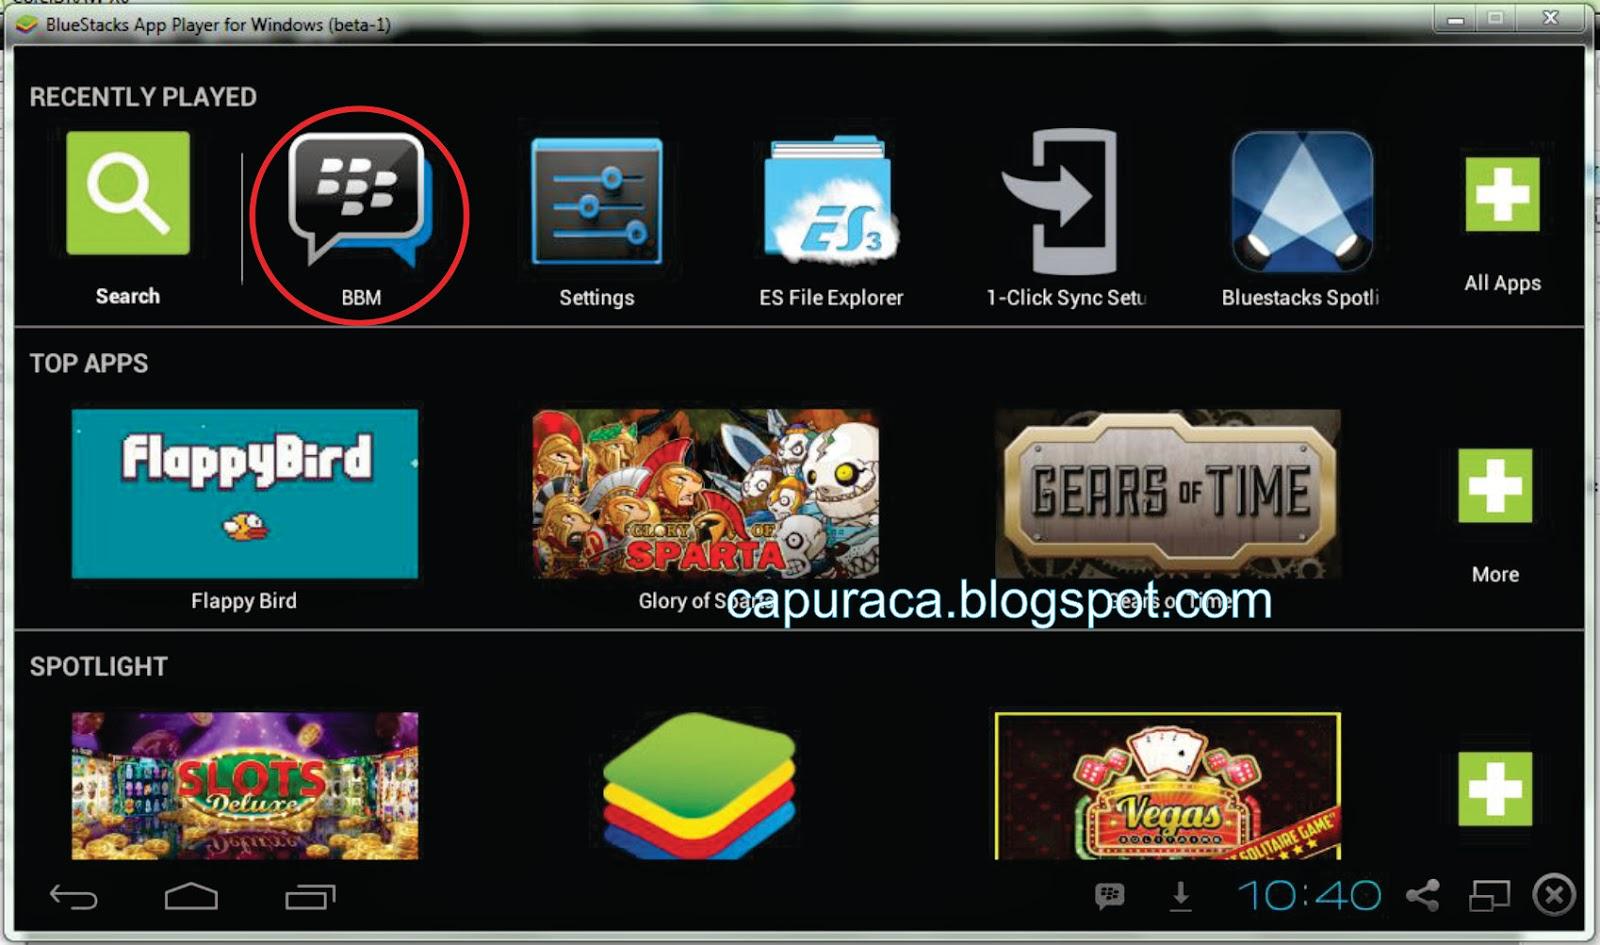 Coba Lihat Bbm Di Pc Laptop Dengan Bluestacks Sebagai Referensi